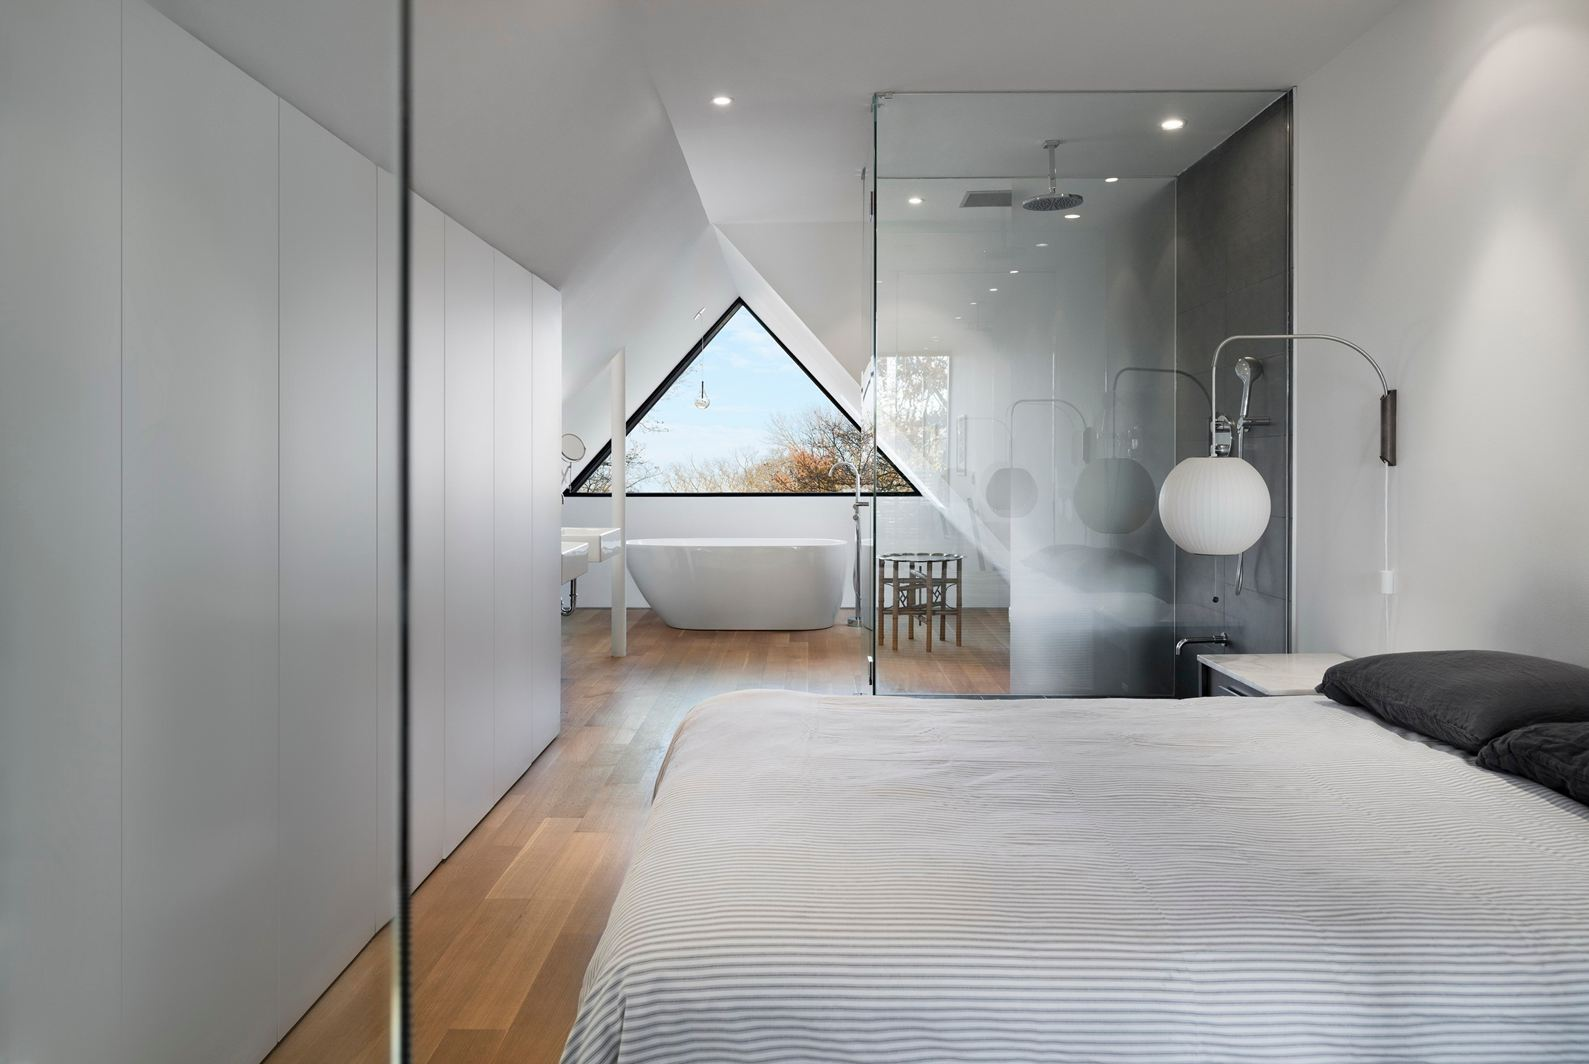 Bagno In Camera Con Vetrata : Grandi vetrate per un loft luminoso mansarda.it